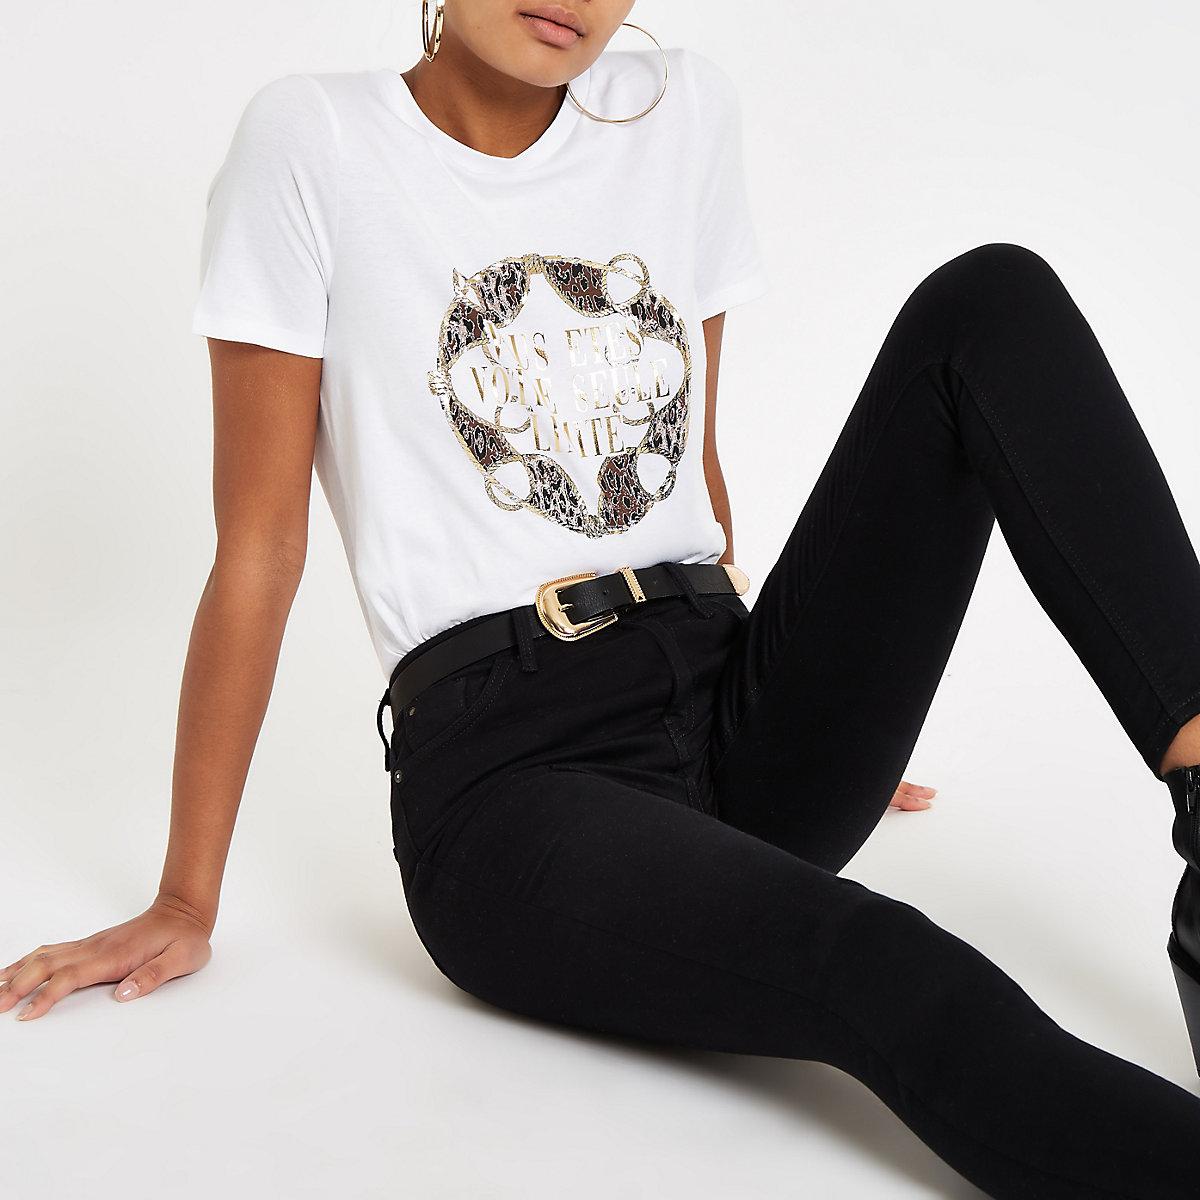 White 'Vous etes' gold foil T-shirt